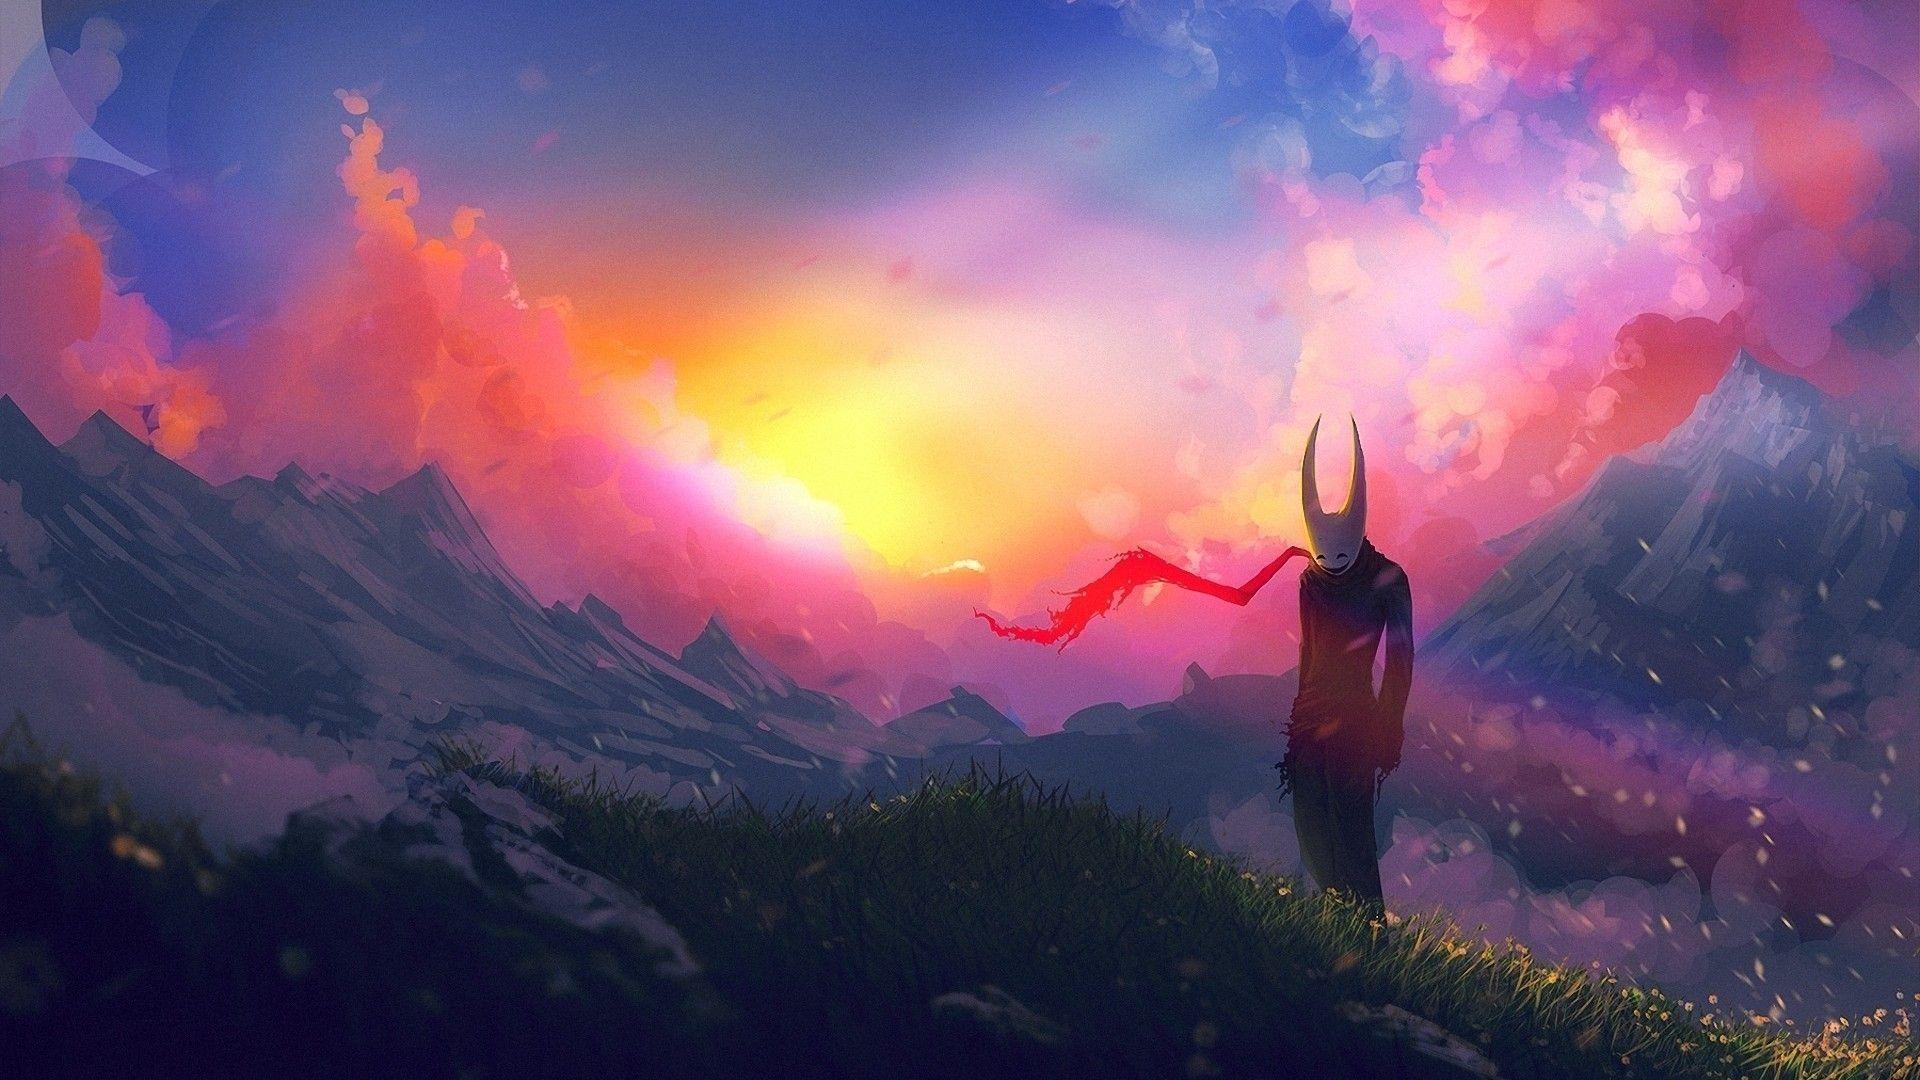 Best Desktop Wallpaper 1920x1080 Anime Wallpaper 4k Pics Landscape Wallpaper Anime Scenery Wallpaper Anime Scenery